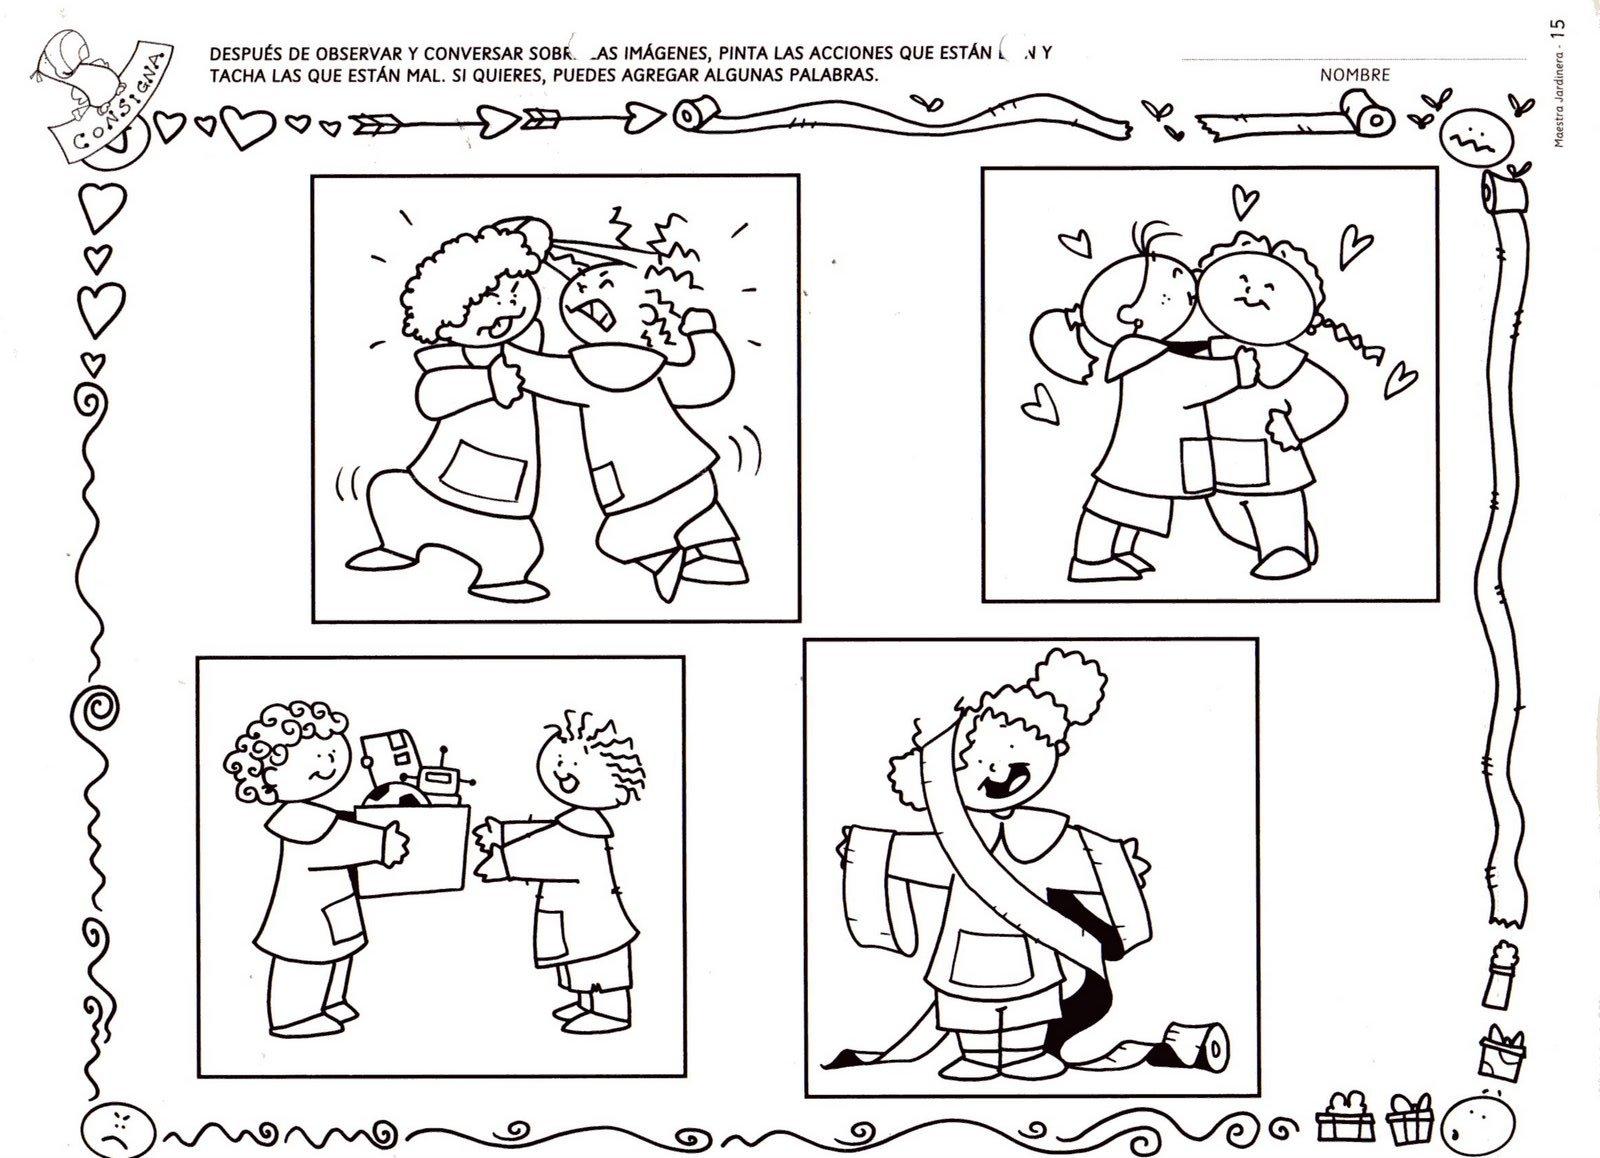 Imágenes de normas de convivencia en el aula para colorear - Imagui